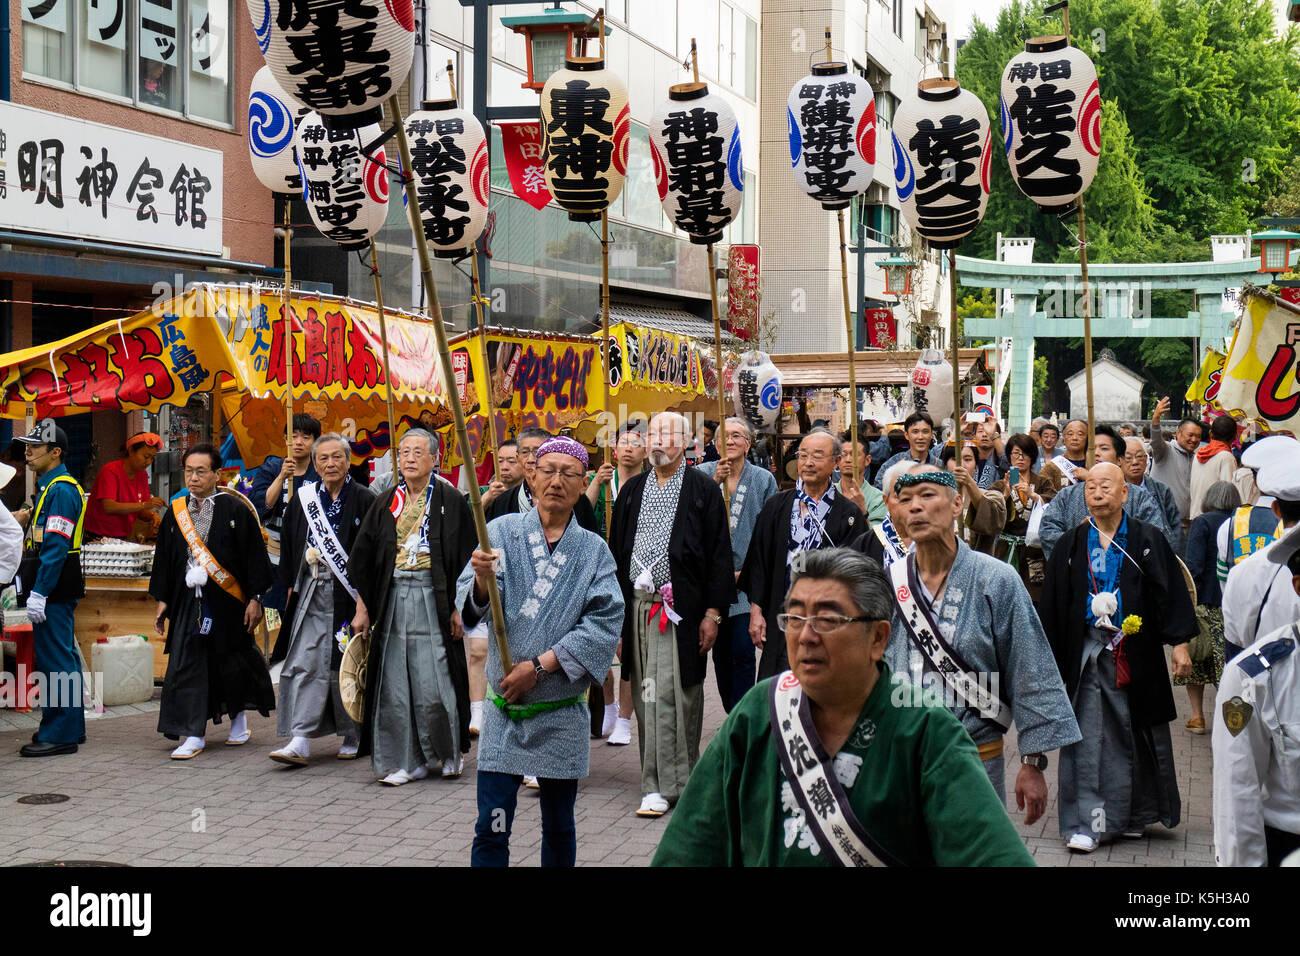 Tokyo, Japon - 14 mai 2017: les participants habillés en kimono traditionnel de l'exercice des lanternes en papier avec des caractères japonais à la kanda matsuri festiv Photo Stock